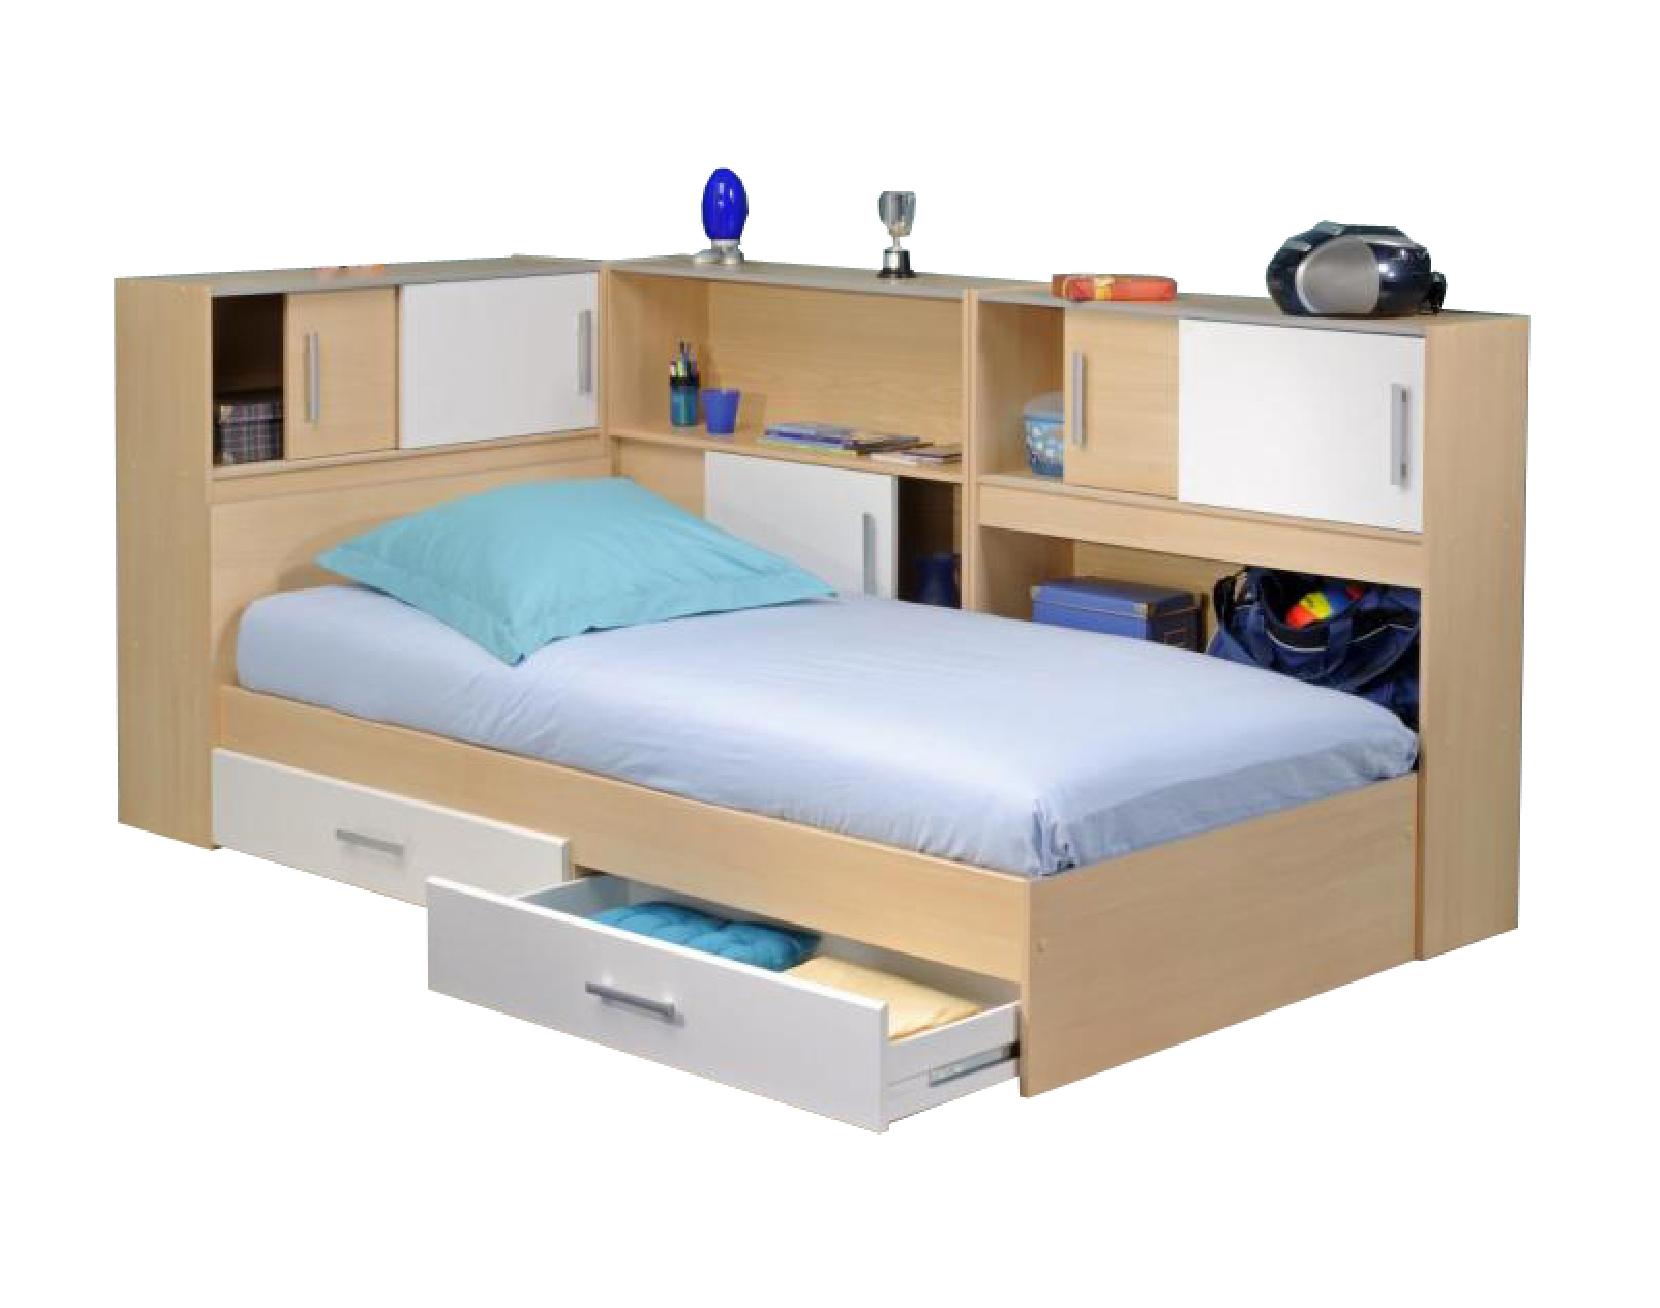 Кровать Д-906Детские кровати<br>Размер: 1240х2220х1080<br><br>Материалы: ЛДСП, кромка ПВХ<br>Полный размер (ШхДхВ): 1240х2220х1080<br>Примечание: Доставляется в разобранном виде<br>Важно: Матрас в стоимость не входит!<br>Изготовление и доставка: 10-14 дней<br>Условия доставки: Бесплатная по Москве до подъезда<br>Условие оплаты: Оплата наличными при получении товара<br>Доставка по МО (за пределами МКАД): 30 руб./км<br>Доставка в пределах ТТК: Доставка в центр Москвы осуществляется ночью, с 22.00 до 6.00 утра<br>Подъем на грузовом лифте: 700 руб.<br>Подъем без лифта: 350 руб./этаж (включая первый)<br>Сборка: 10% от стоимости изделия, но не менее 1,000 руб.<br>Гарантия: 12 месяцев<br>Производство: Россия<br>Производитель: Grey